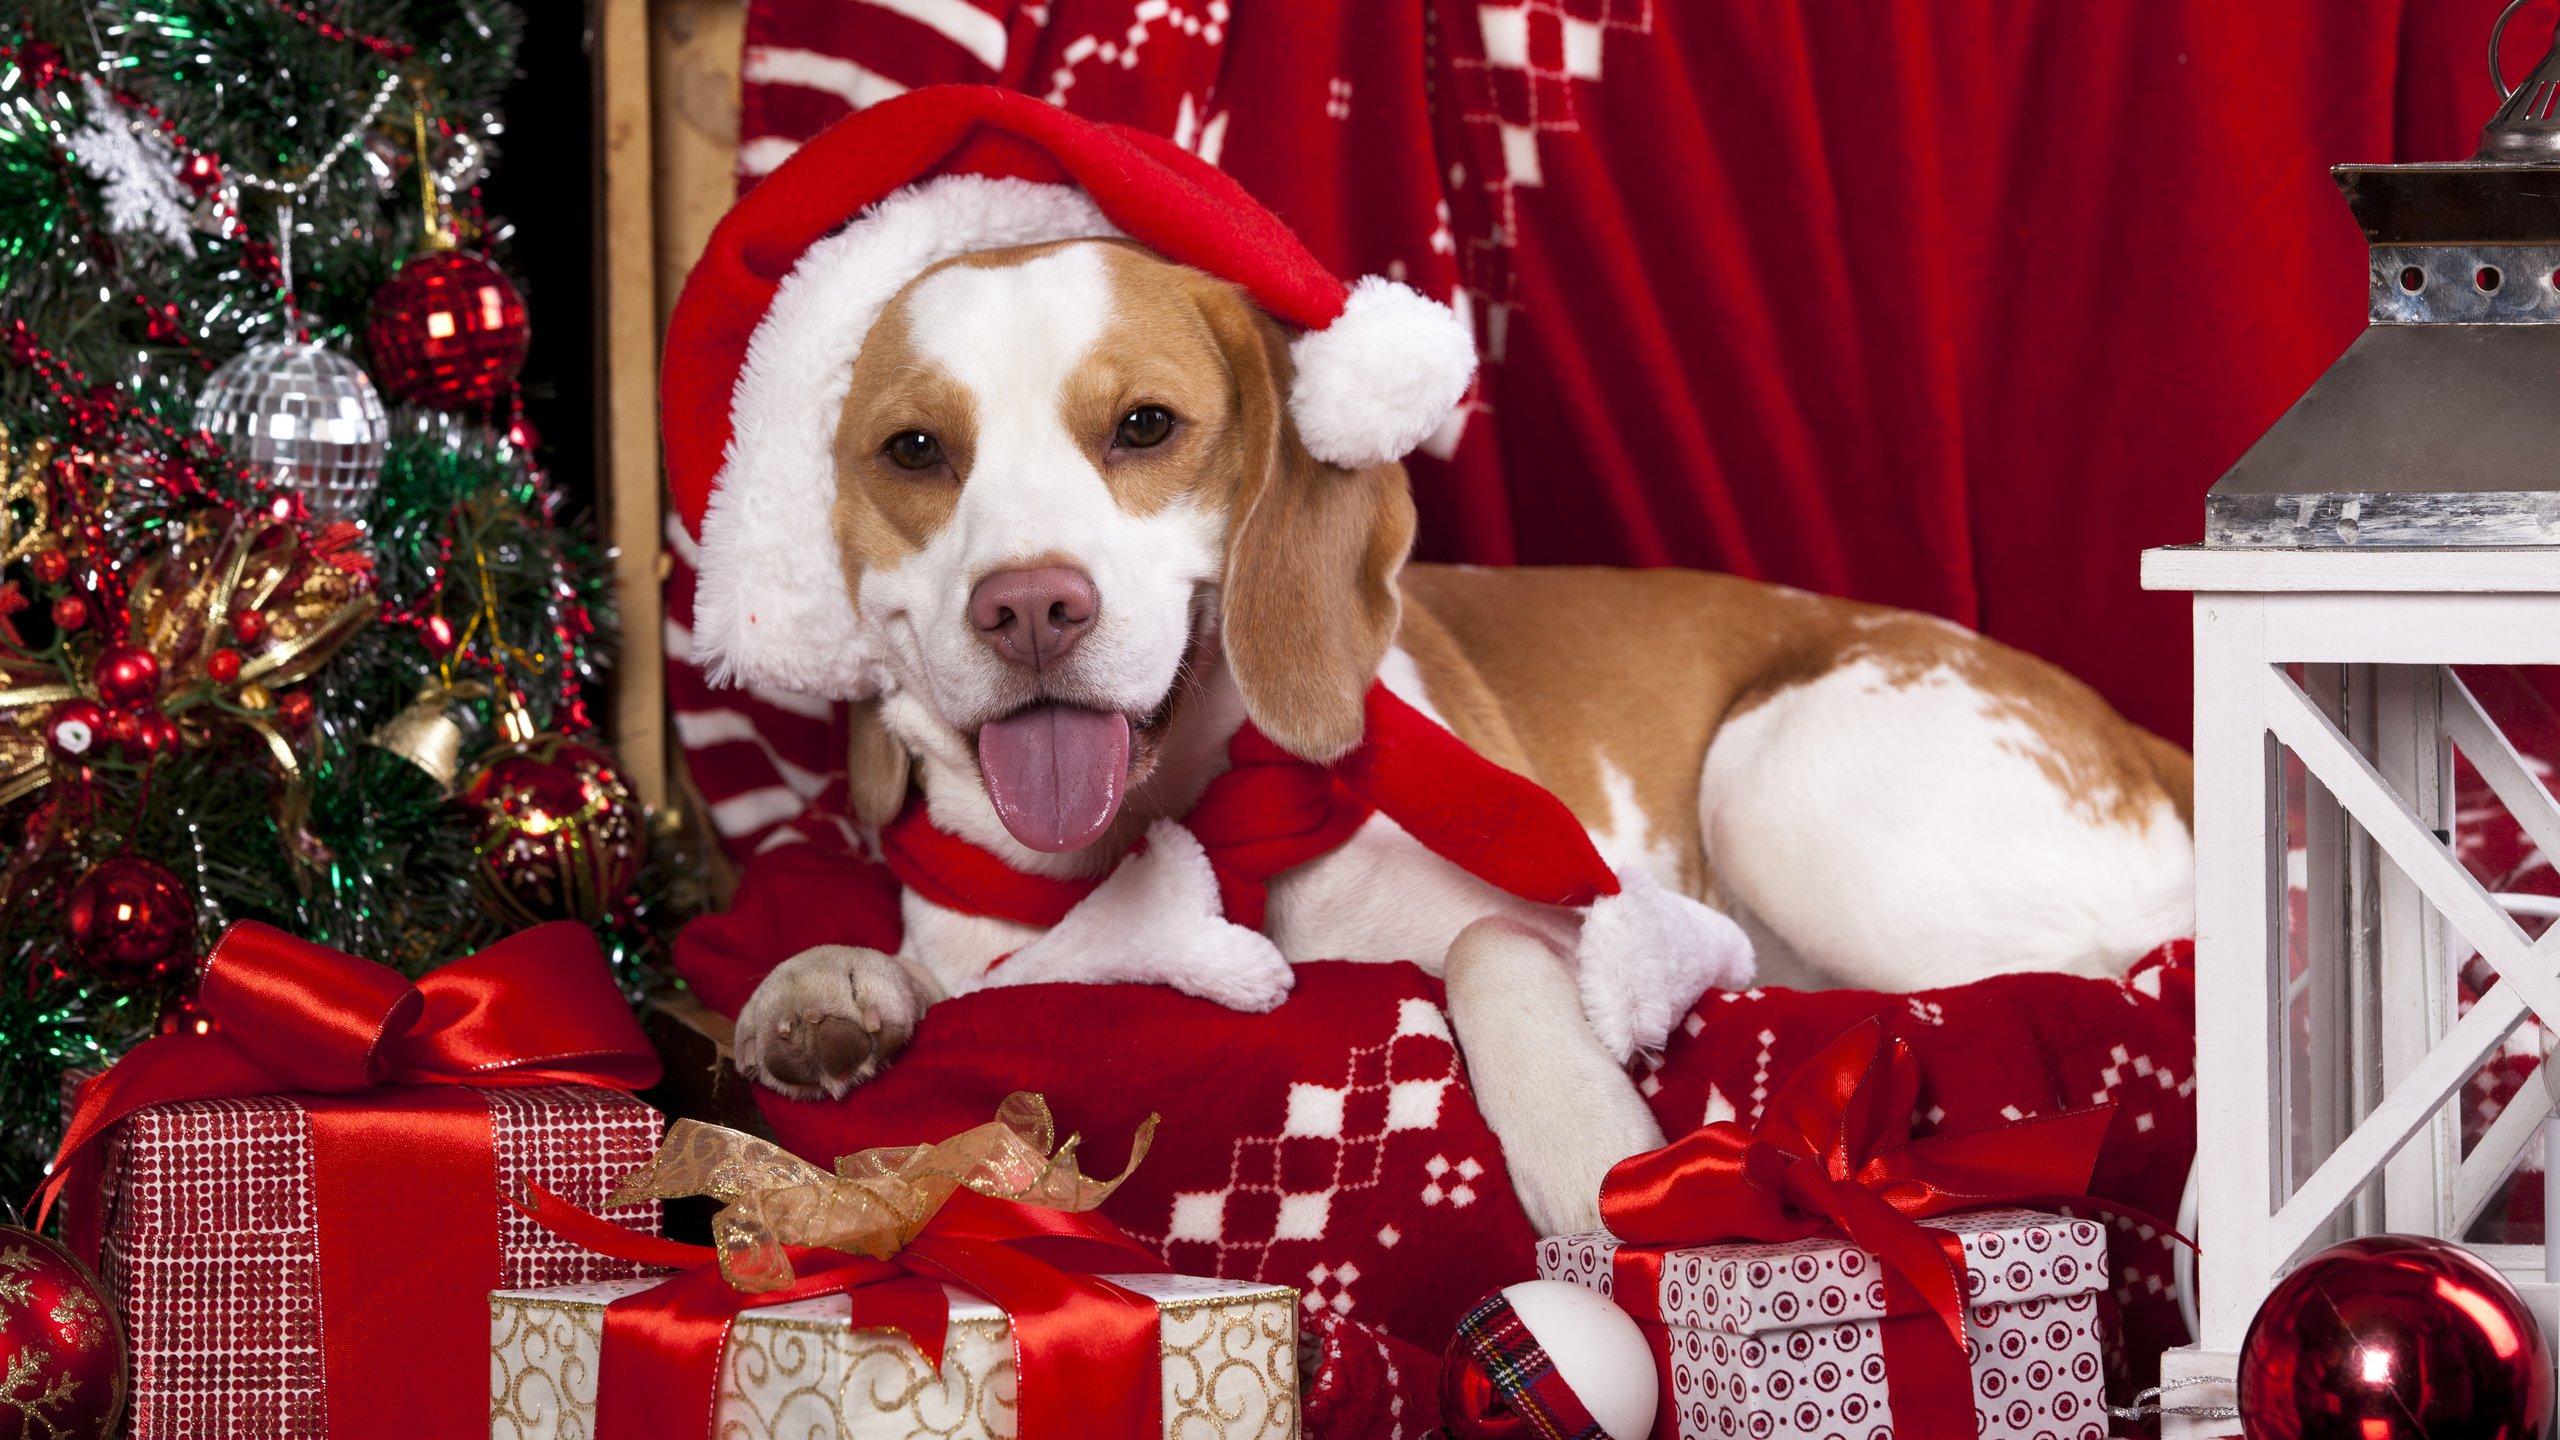 щенок с новогодним колпаком бесплатно